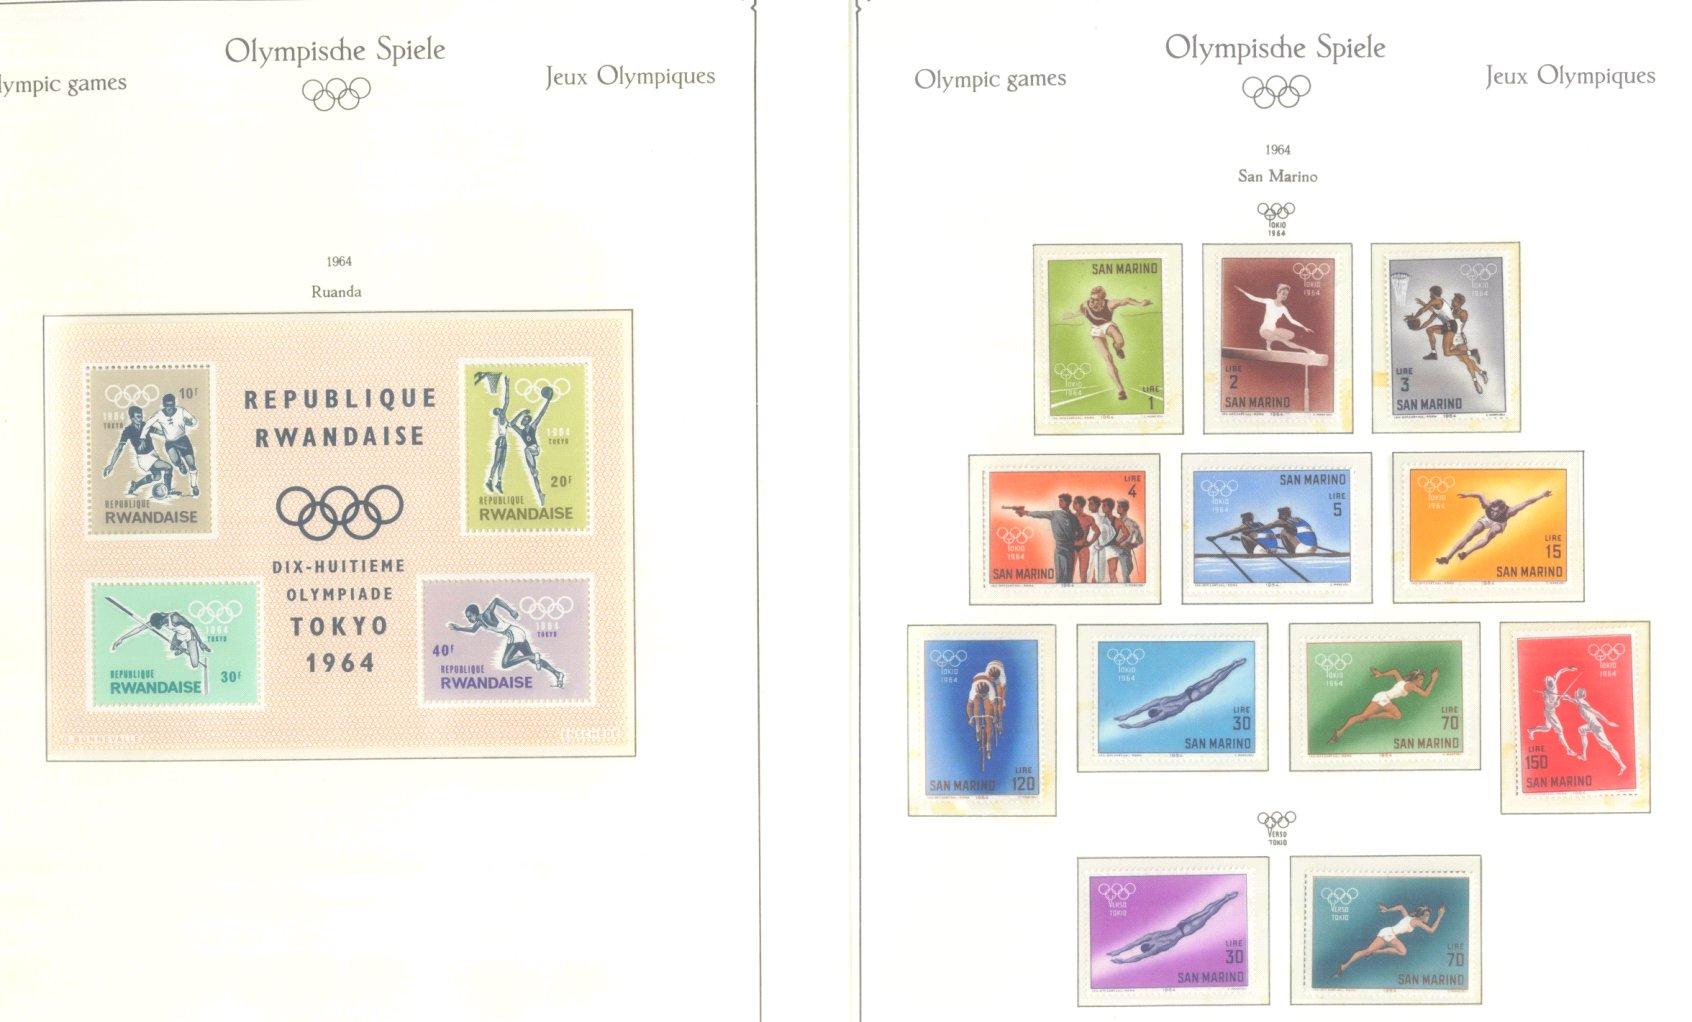 OLYMPISCHE SPIELE 1964 TOKIO, postfrische Sammlung Teil 2-33